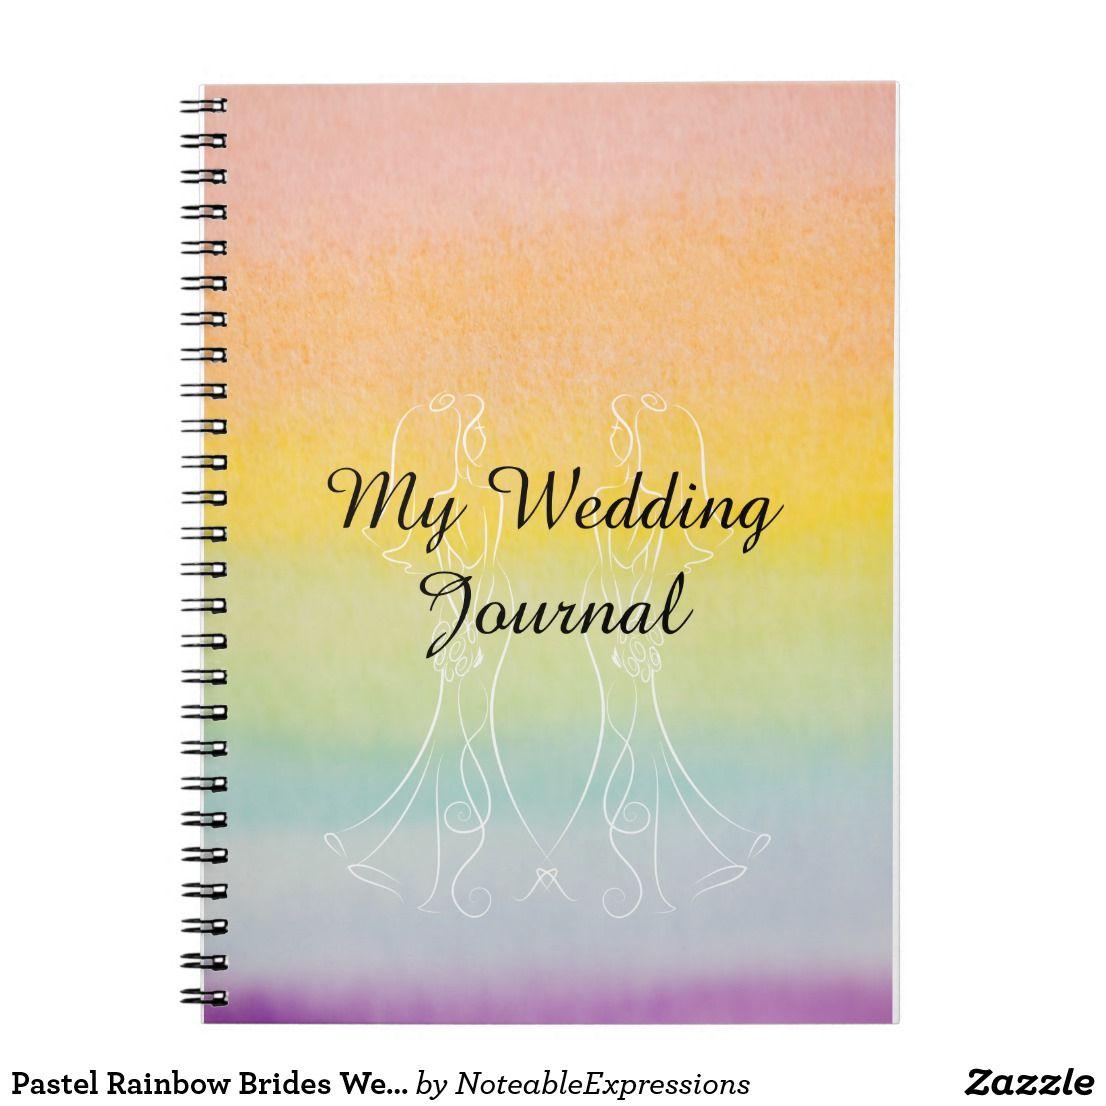 Pastel Rainbow Brides Wedding Journal